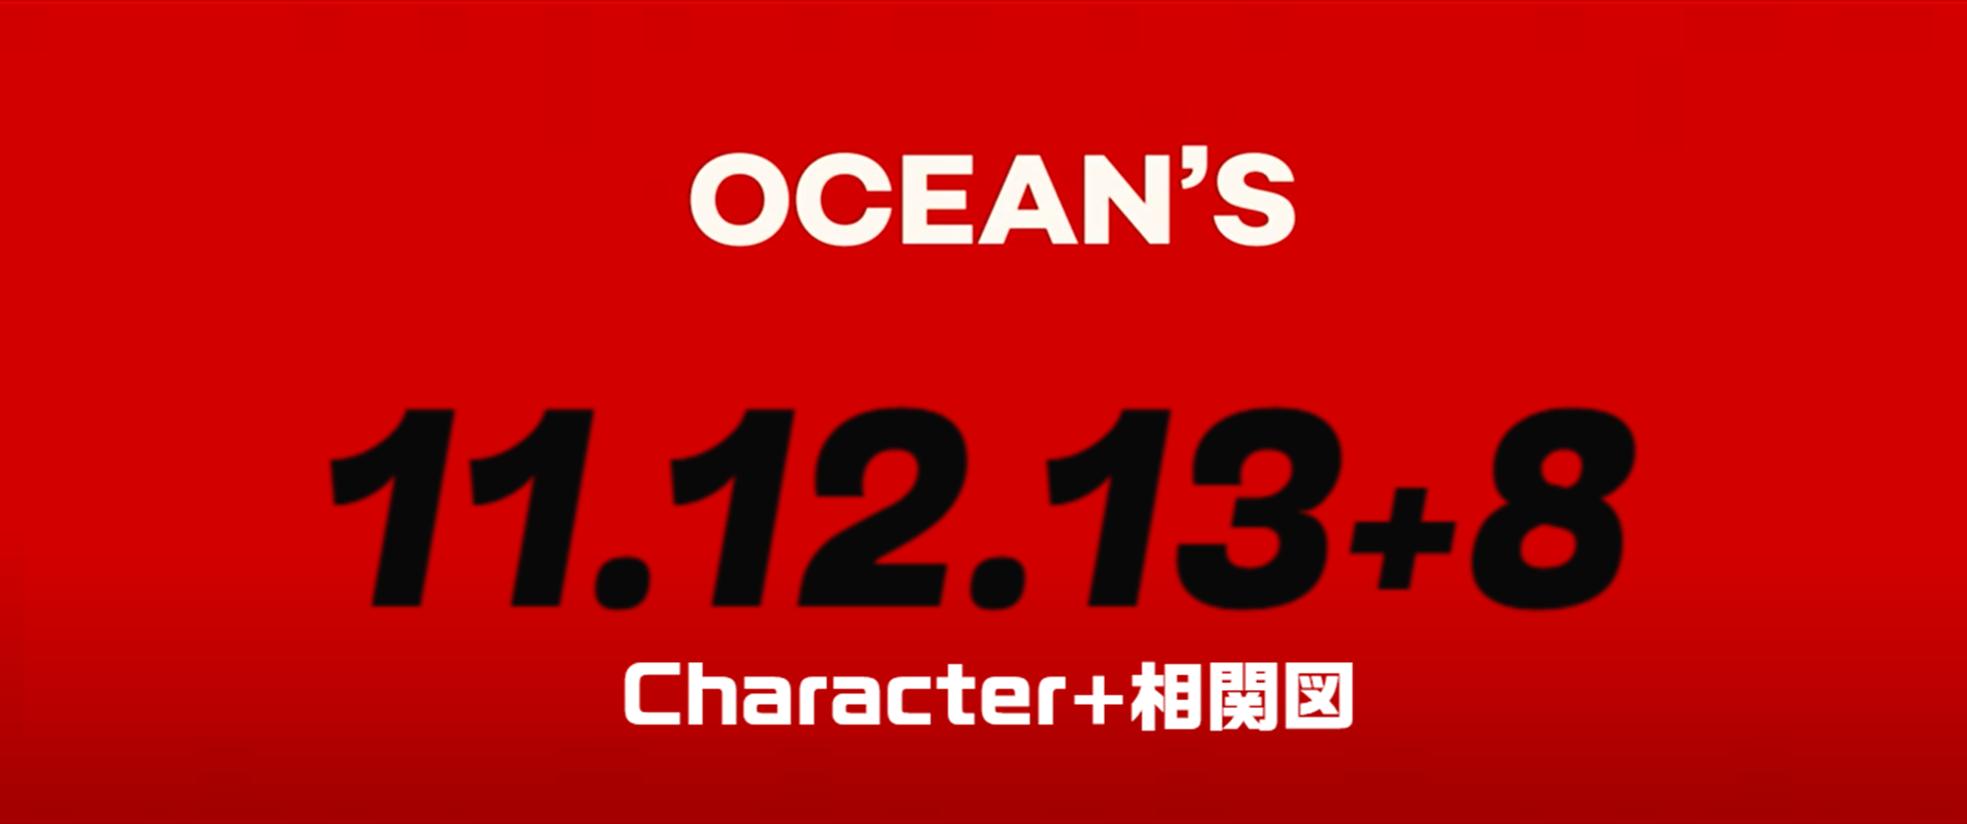 オーシャンズシリーズ_相関図+キャラクター一覧TOP